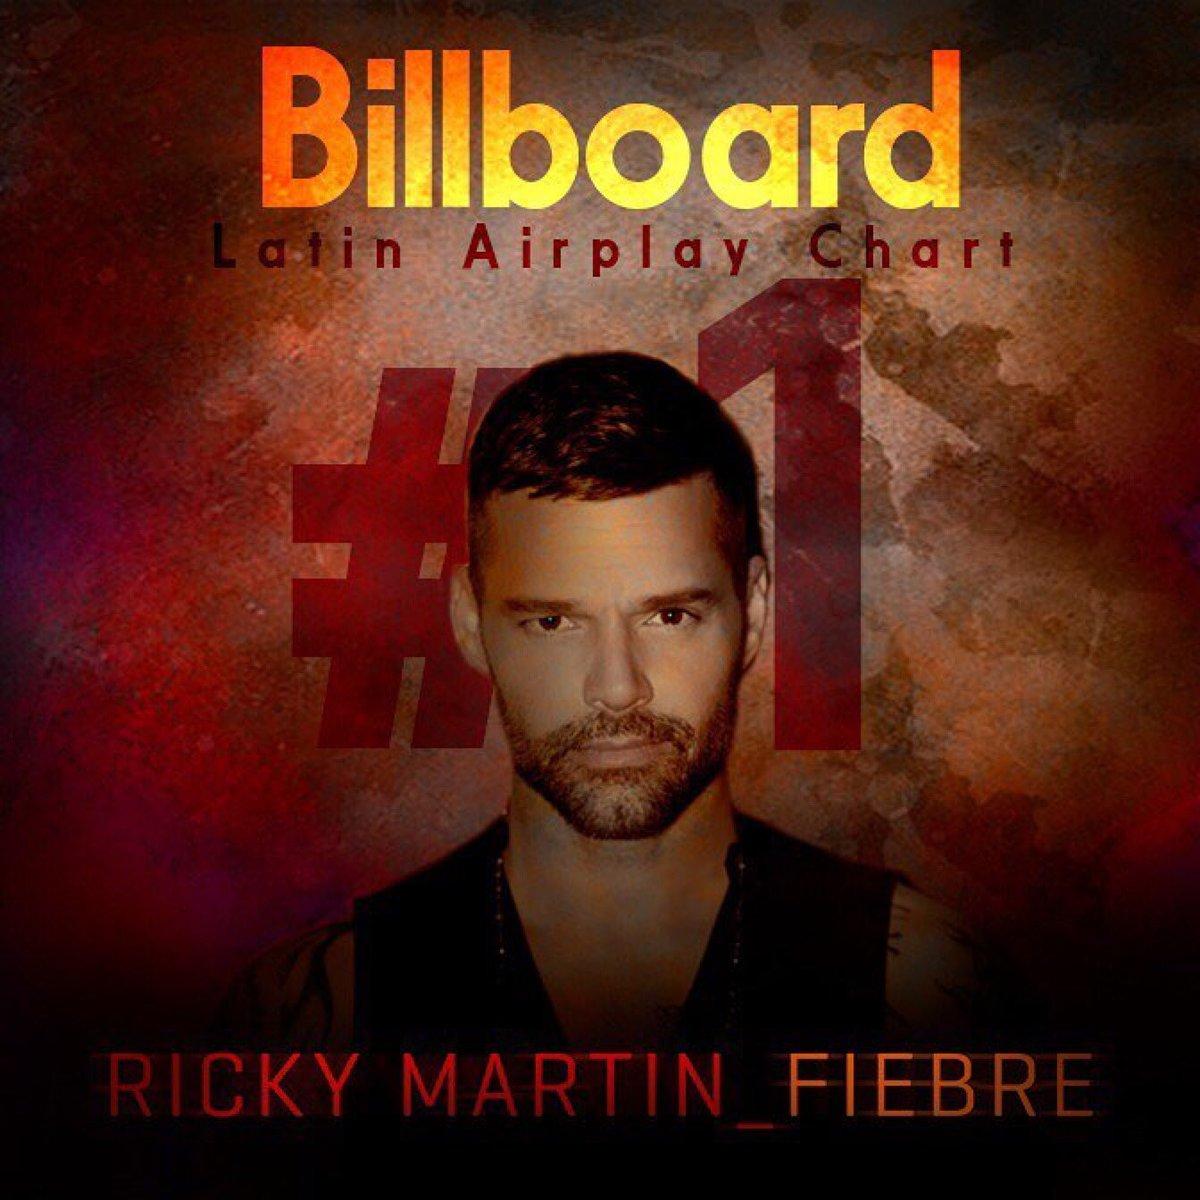 #Fiebre #1 Latin Airplay @billboard ???? + Disco de Oro en USA ???? @WisinOficial @yandeloficial  Gracias mi gente!???????????? https://t.co/LseTvXU3DI